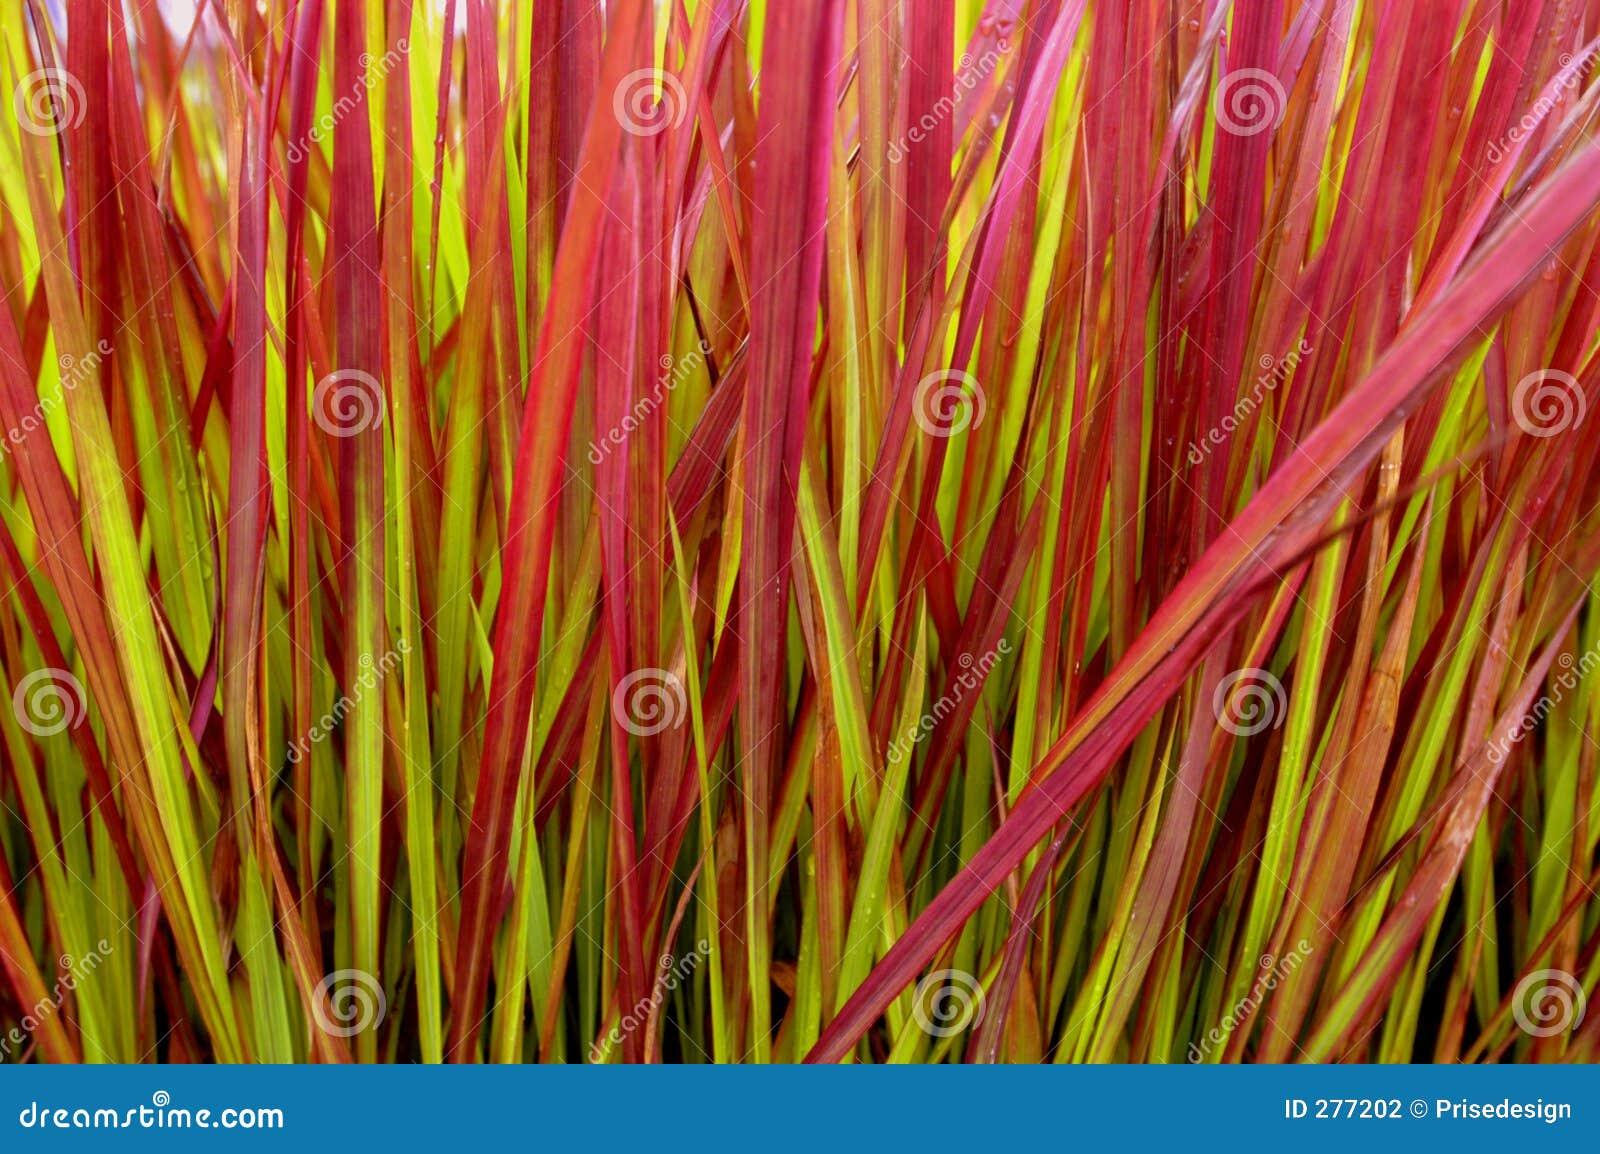 Färgrik växt för blad